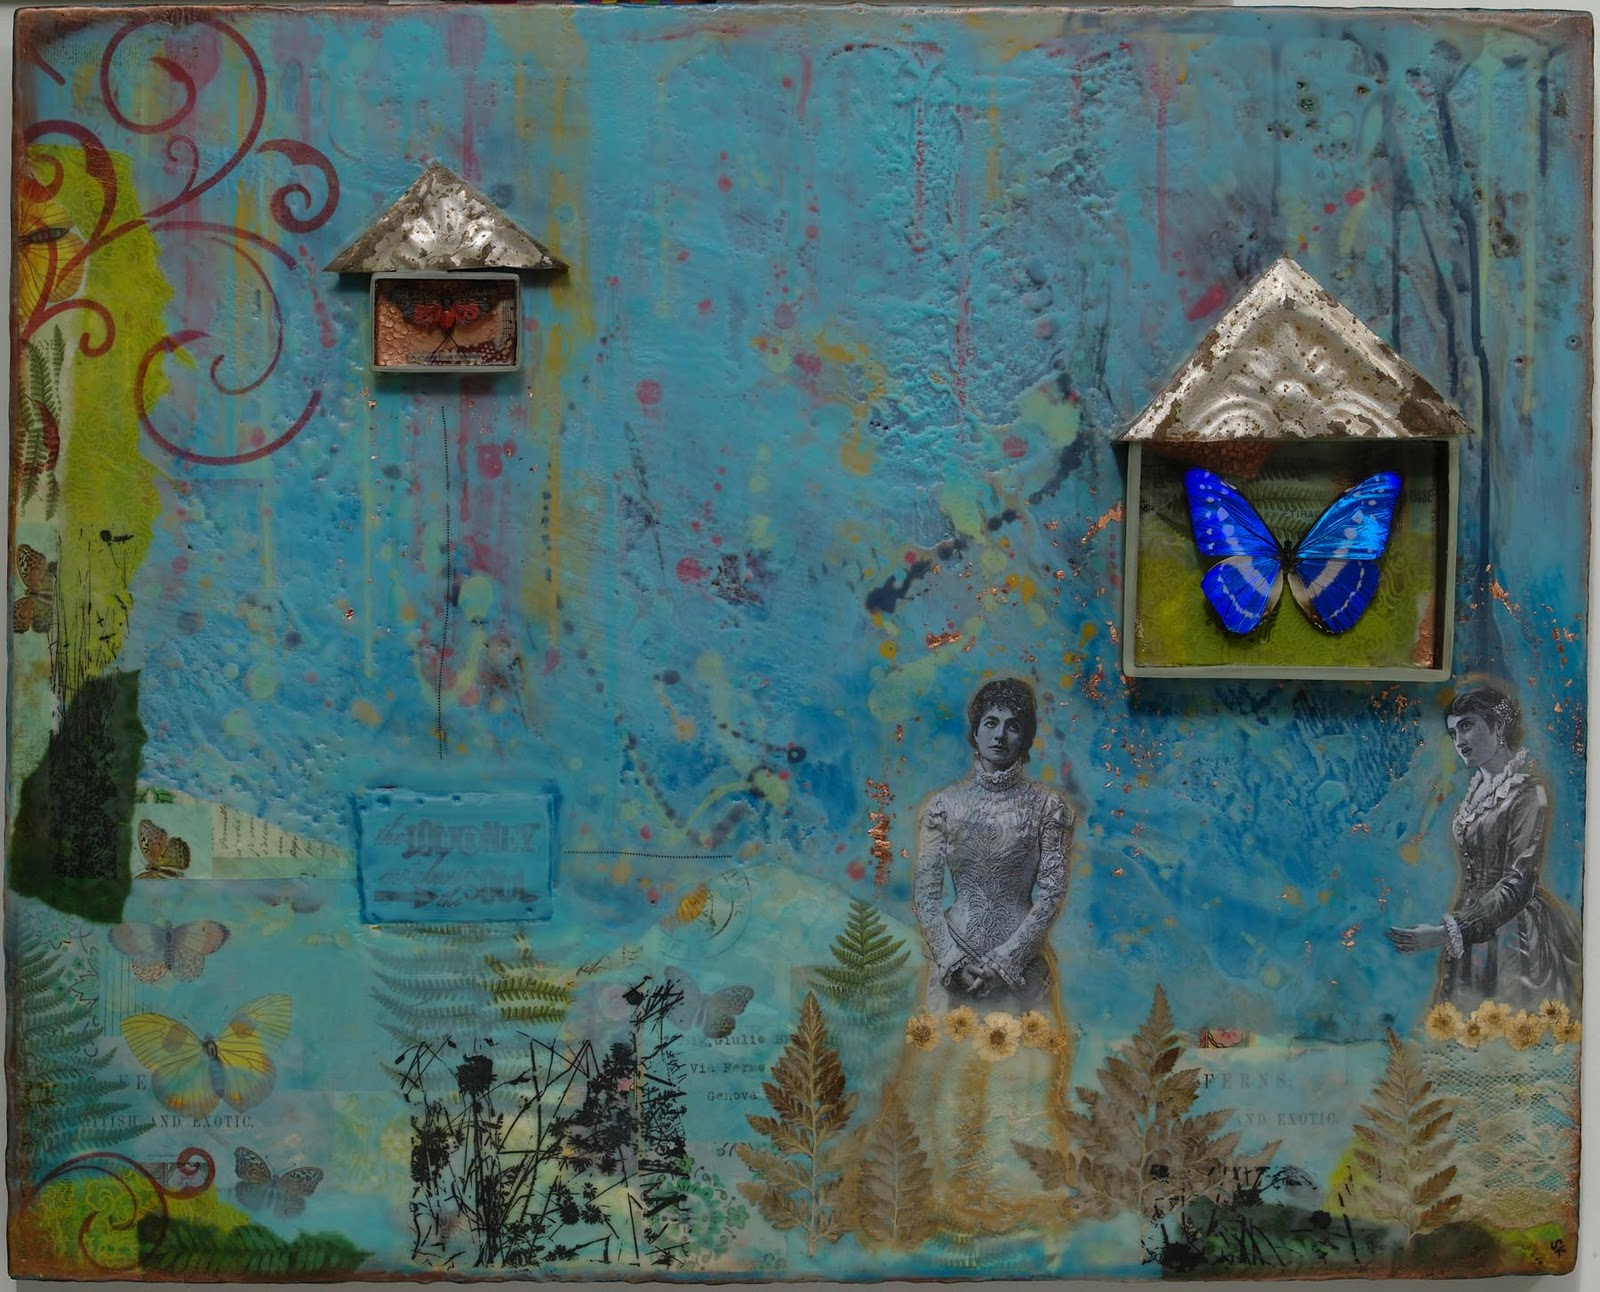 Supria Karmakar Encaustic Mixed Media Art Work